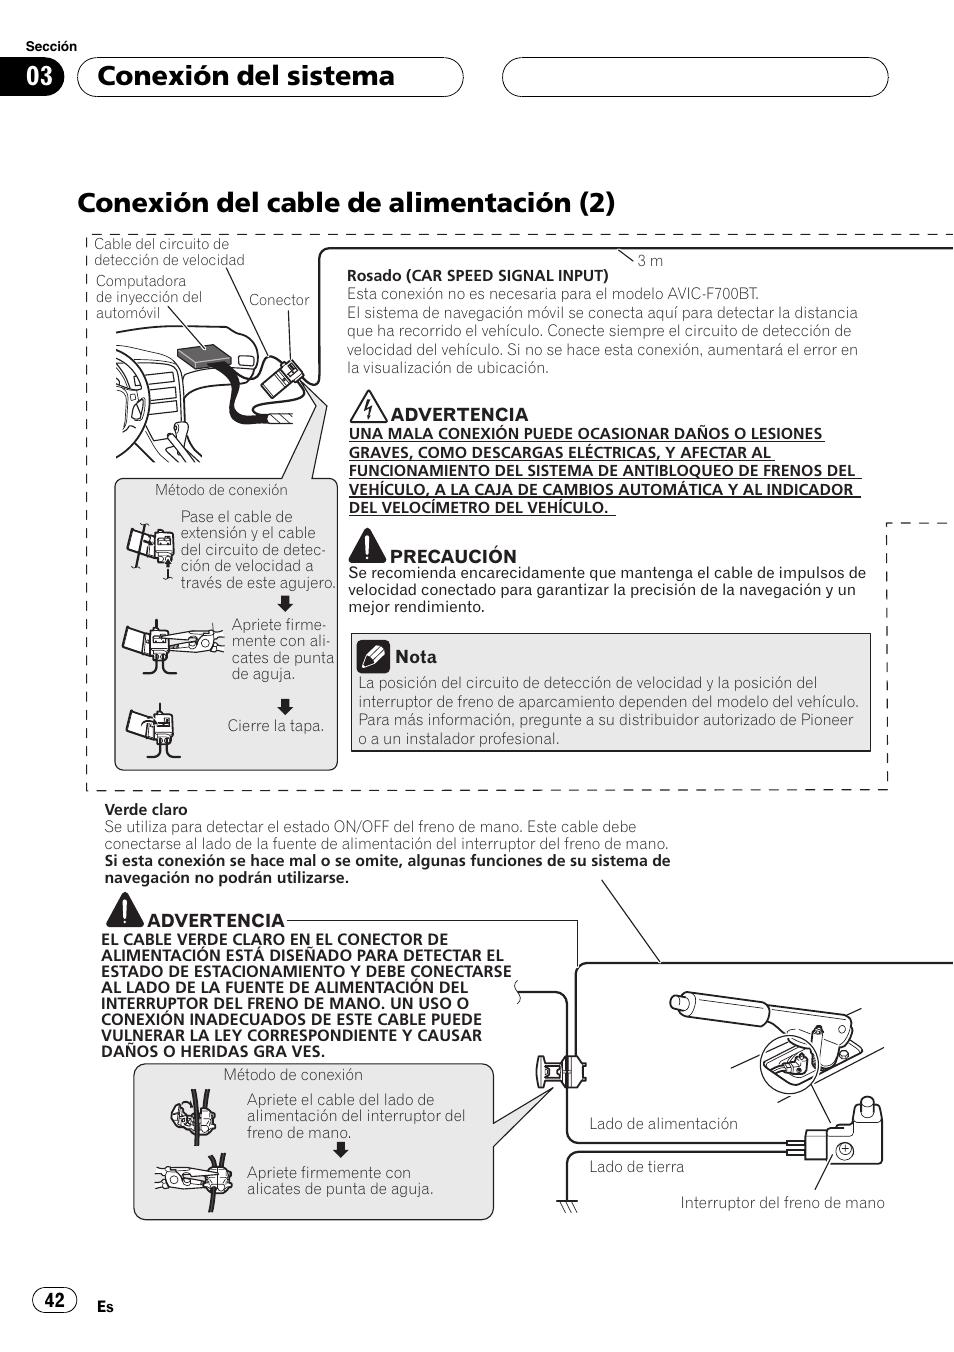 conexi n del cable de alimentaci n 2 conexi n del sistema rh manualsdir com pioneer avic f900bt repair manual pioneer avic-f900bt manuale istruzioni